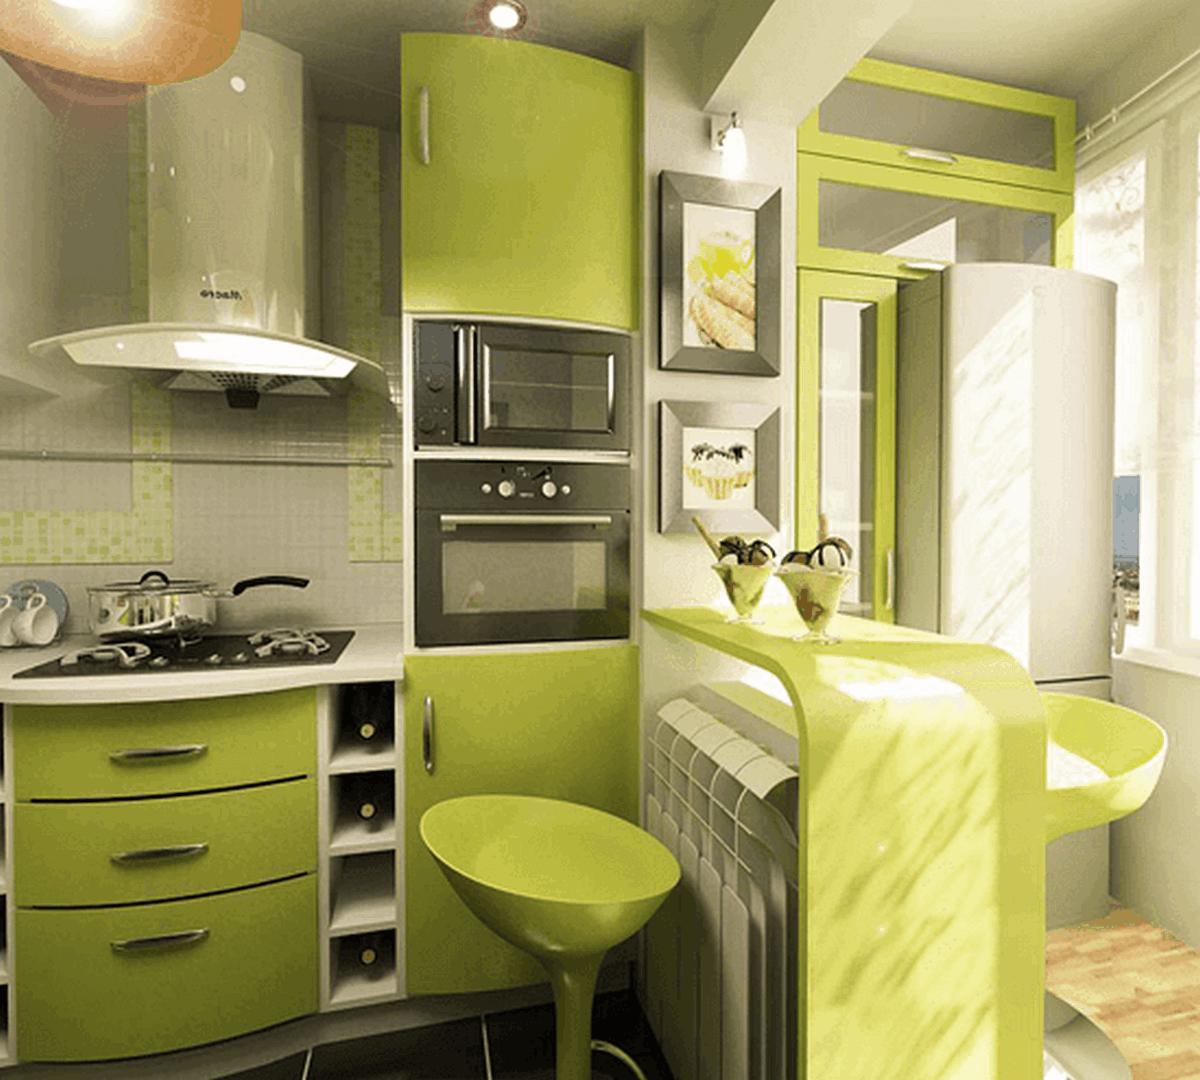 дизайн проект кухни 6 кв м салатовый